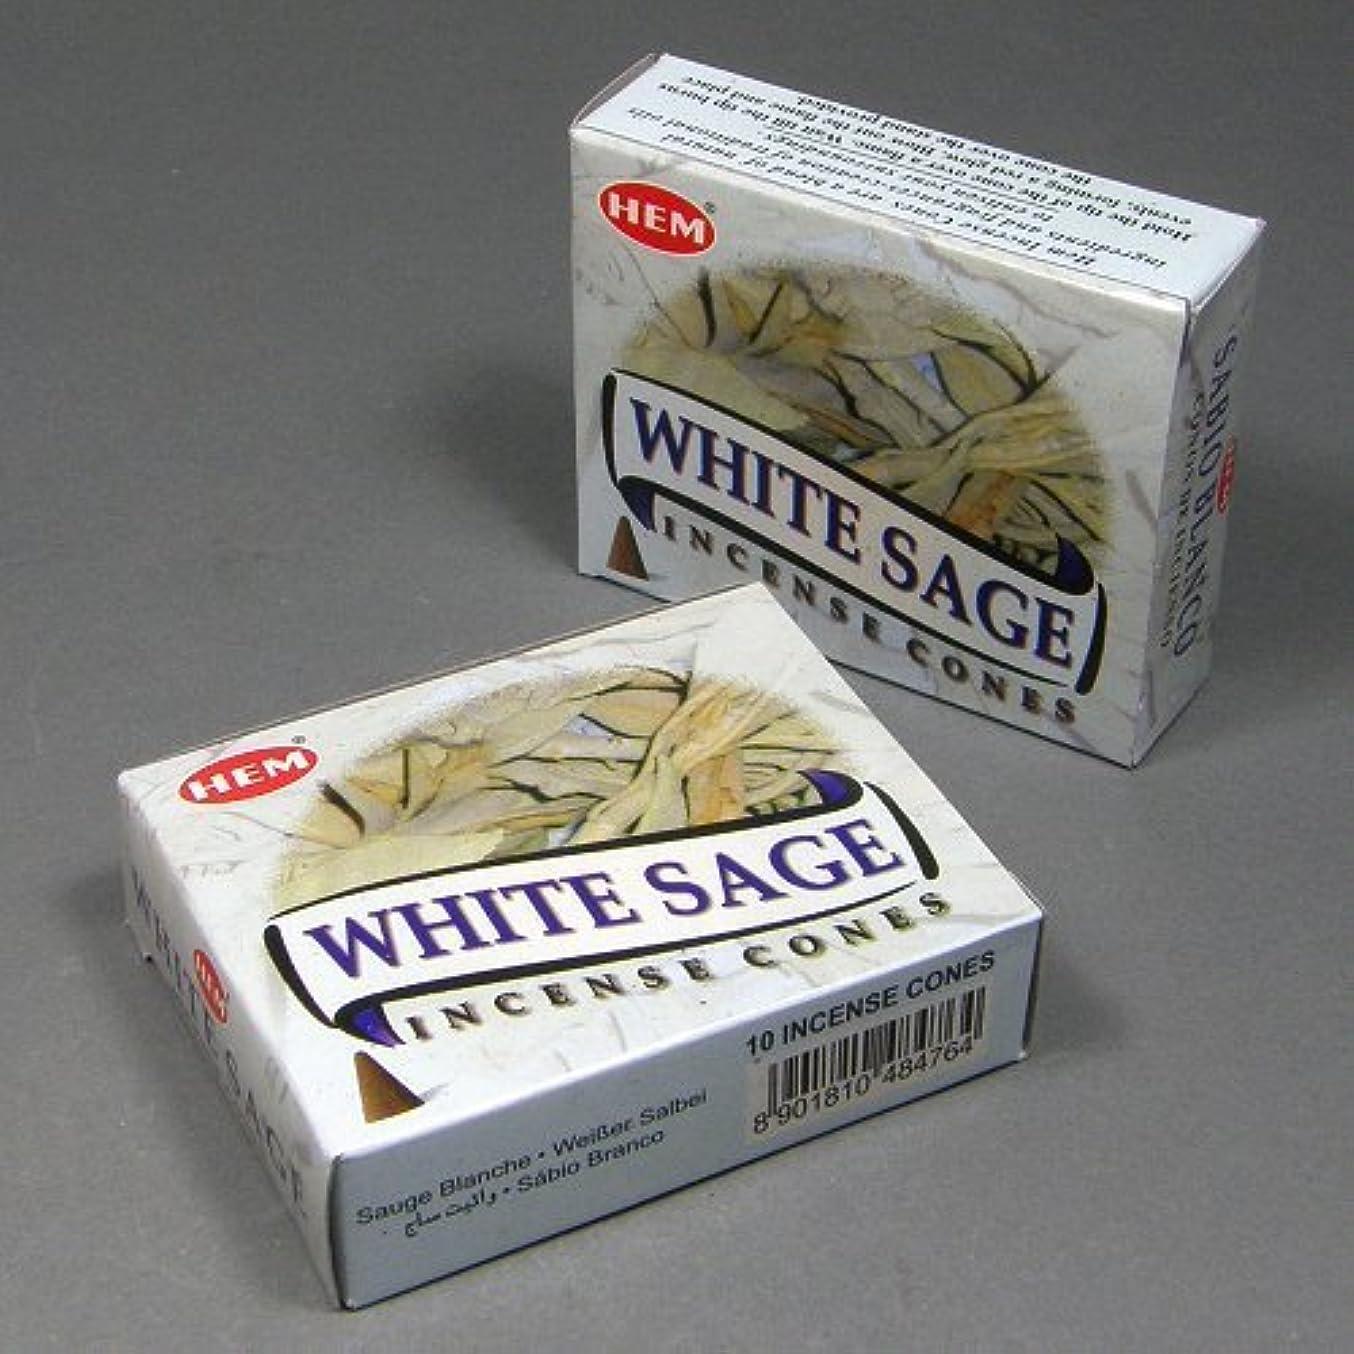 させるテープHemホワイトセージ香Dhoop Cones、10円錐のペアボックス